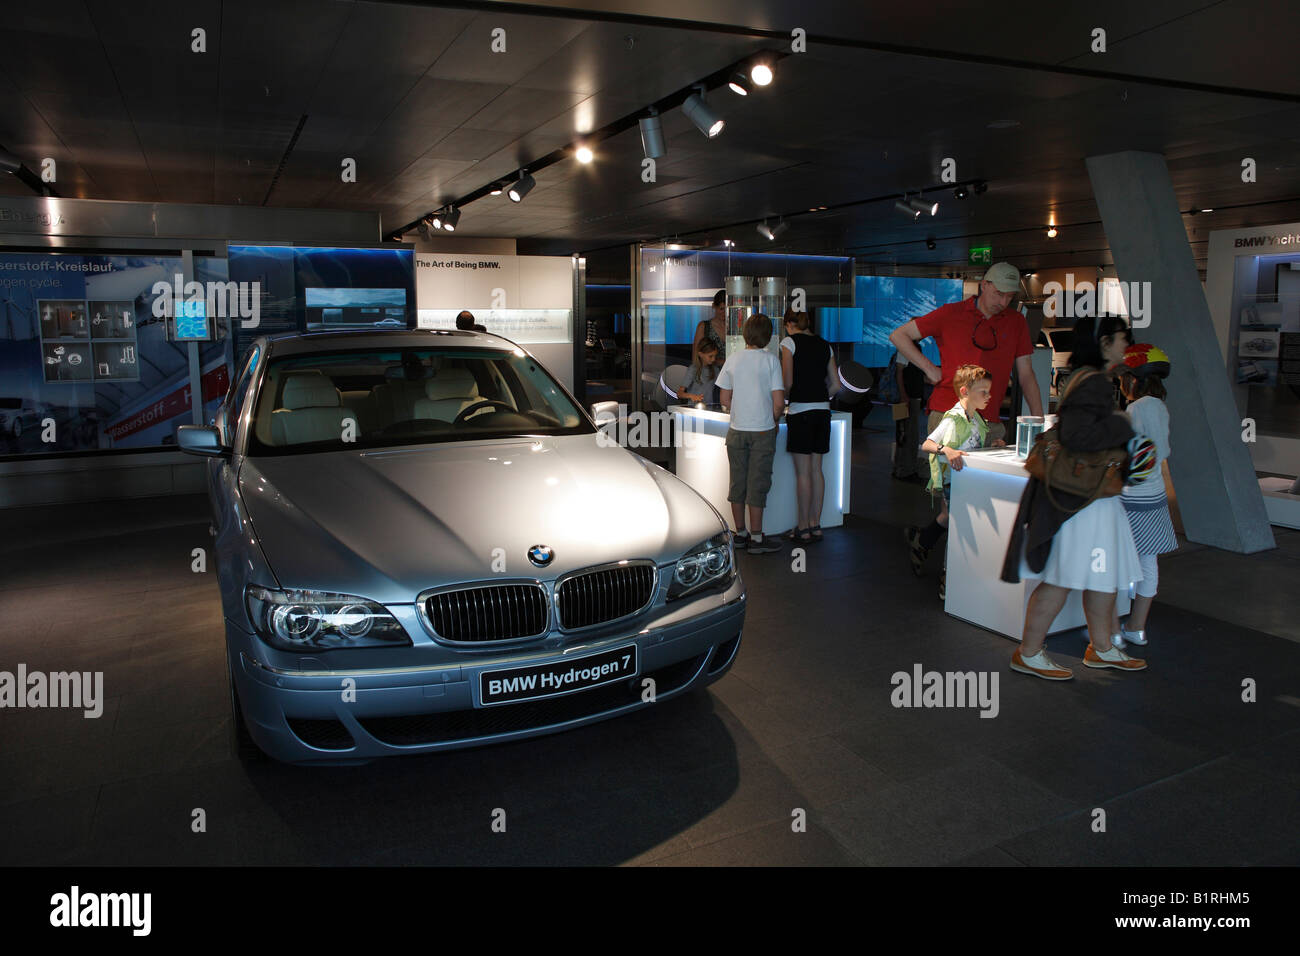 Automobil die Wasserstoff-Antrieb-Technologie im Inneren der BMW Welt, BMW Welt Mixed-Use-Center, München, Stockbild